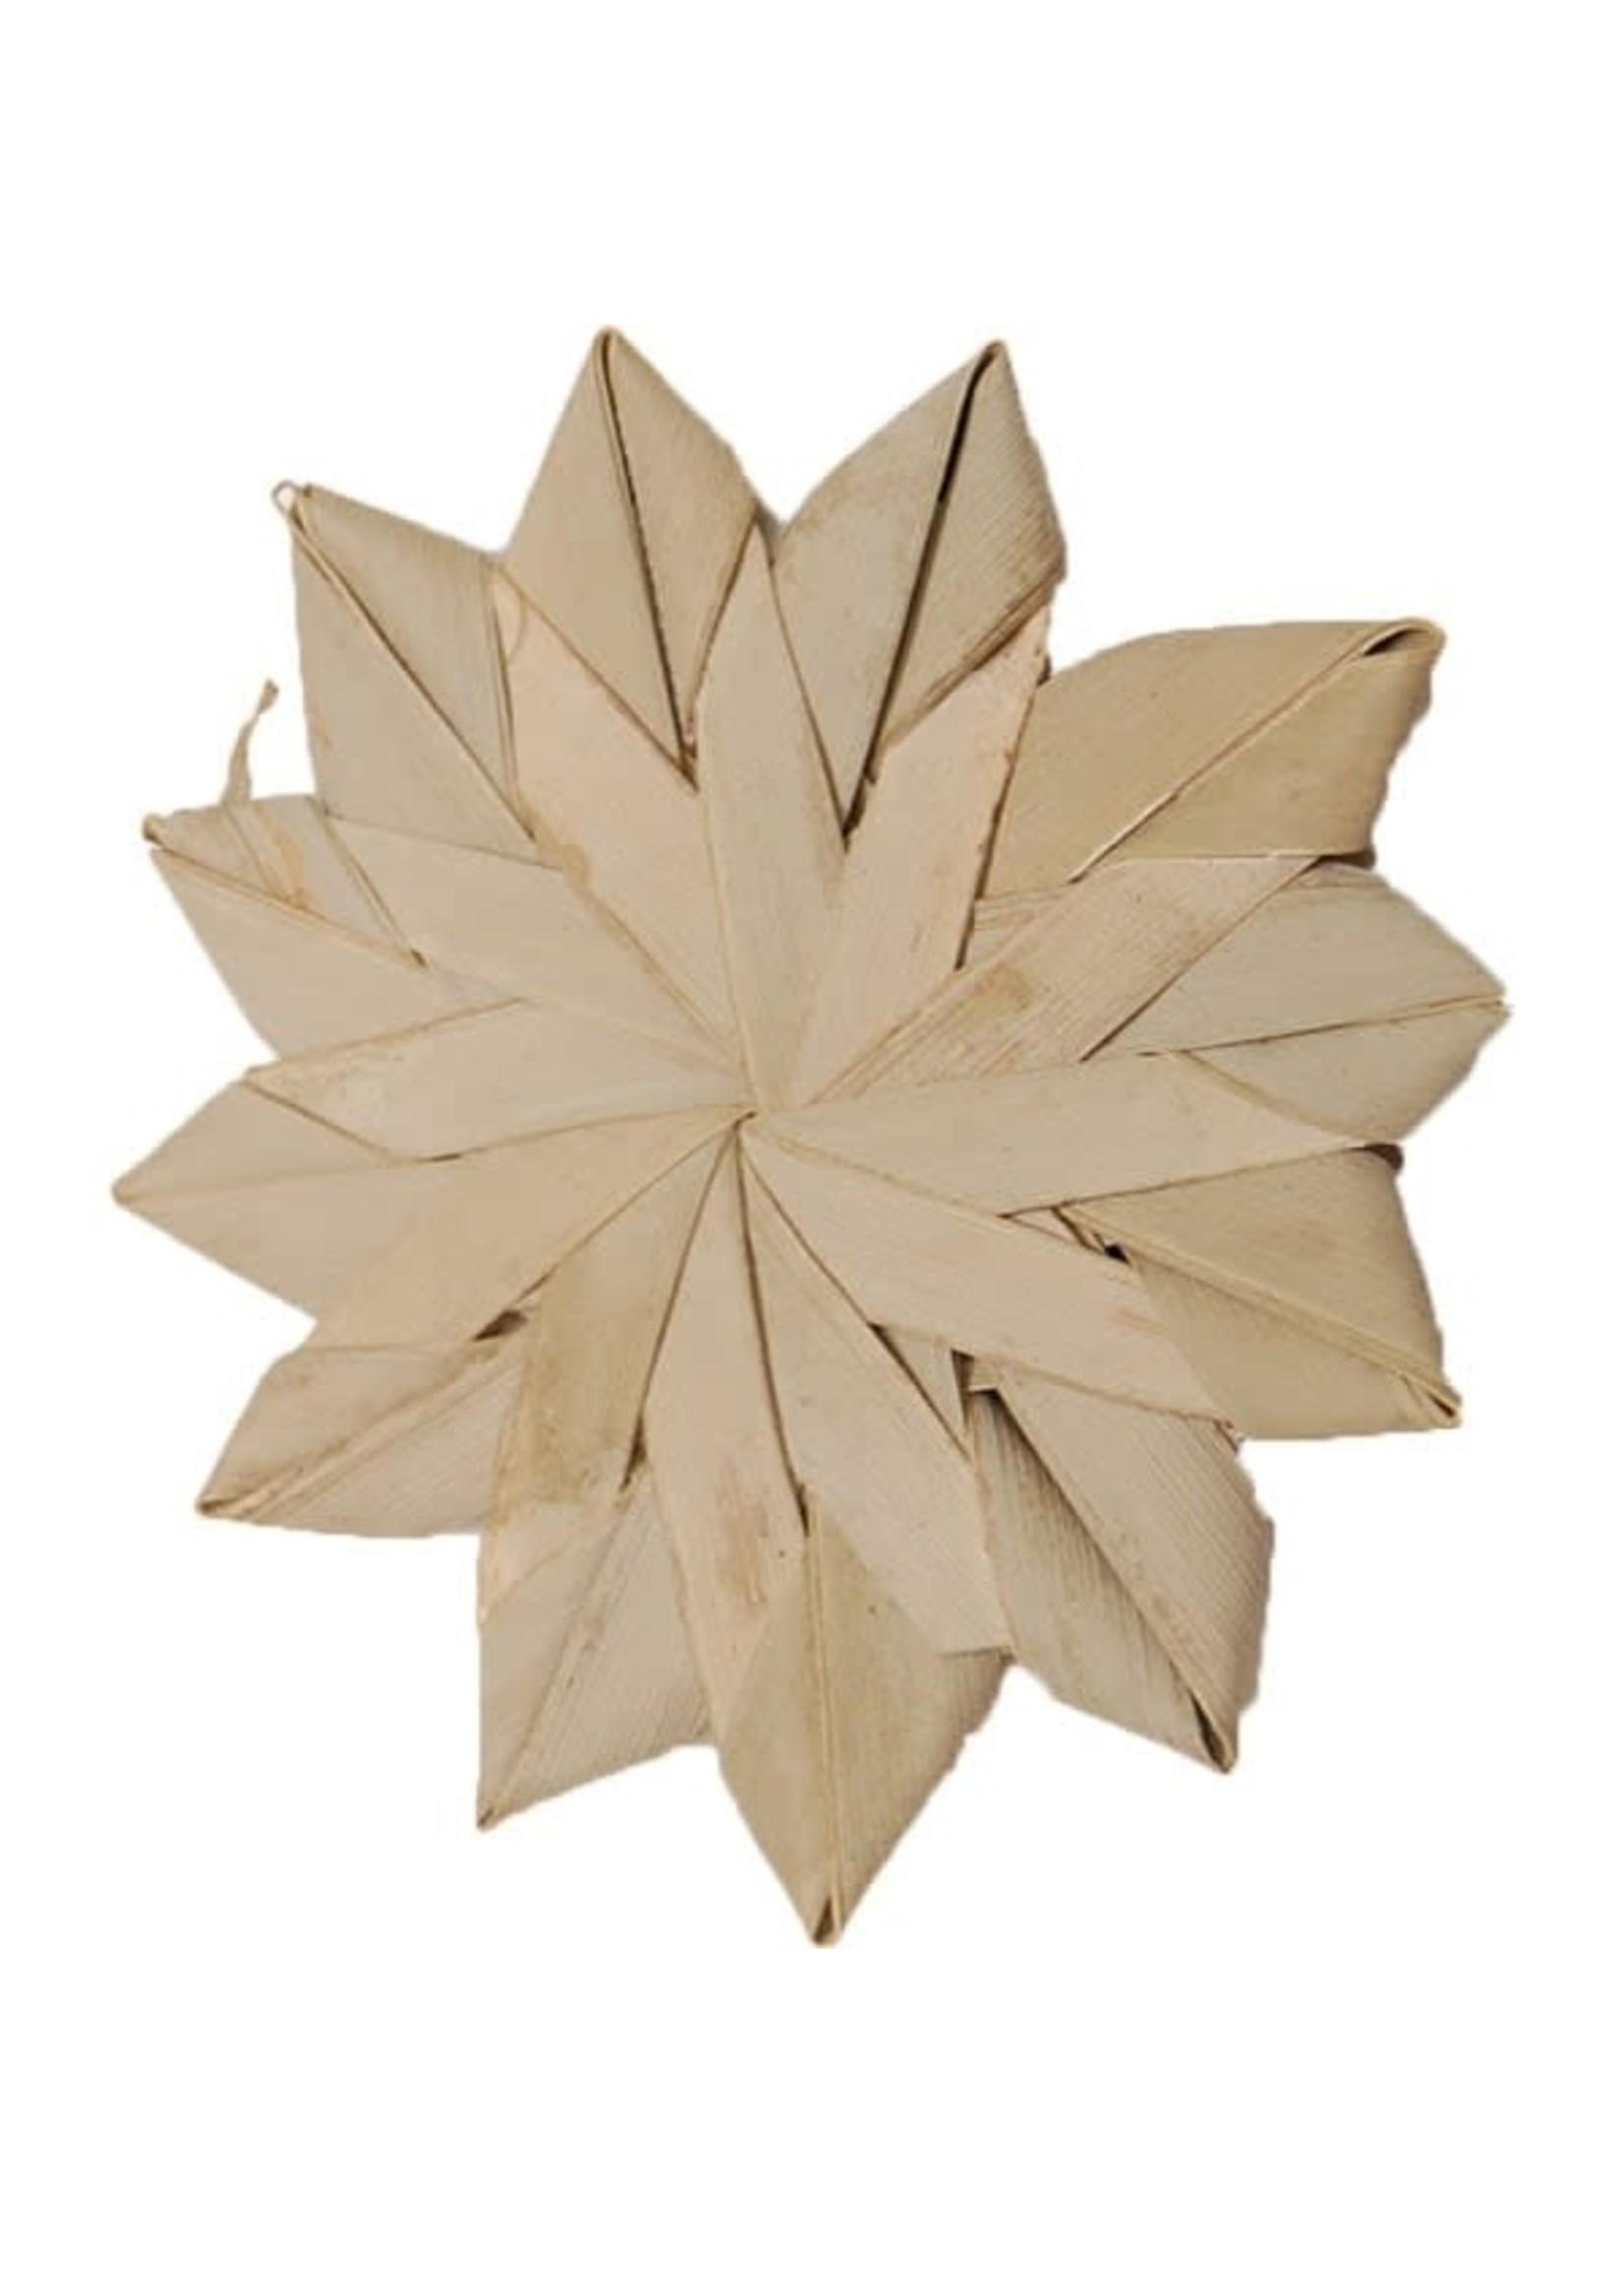 CND Palm leaf flower LARGE (4″-10cm)